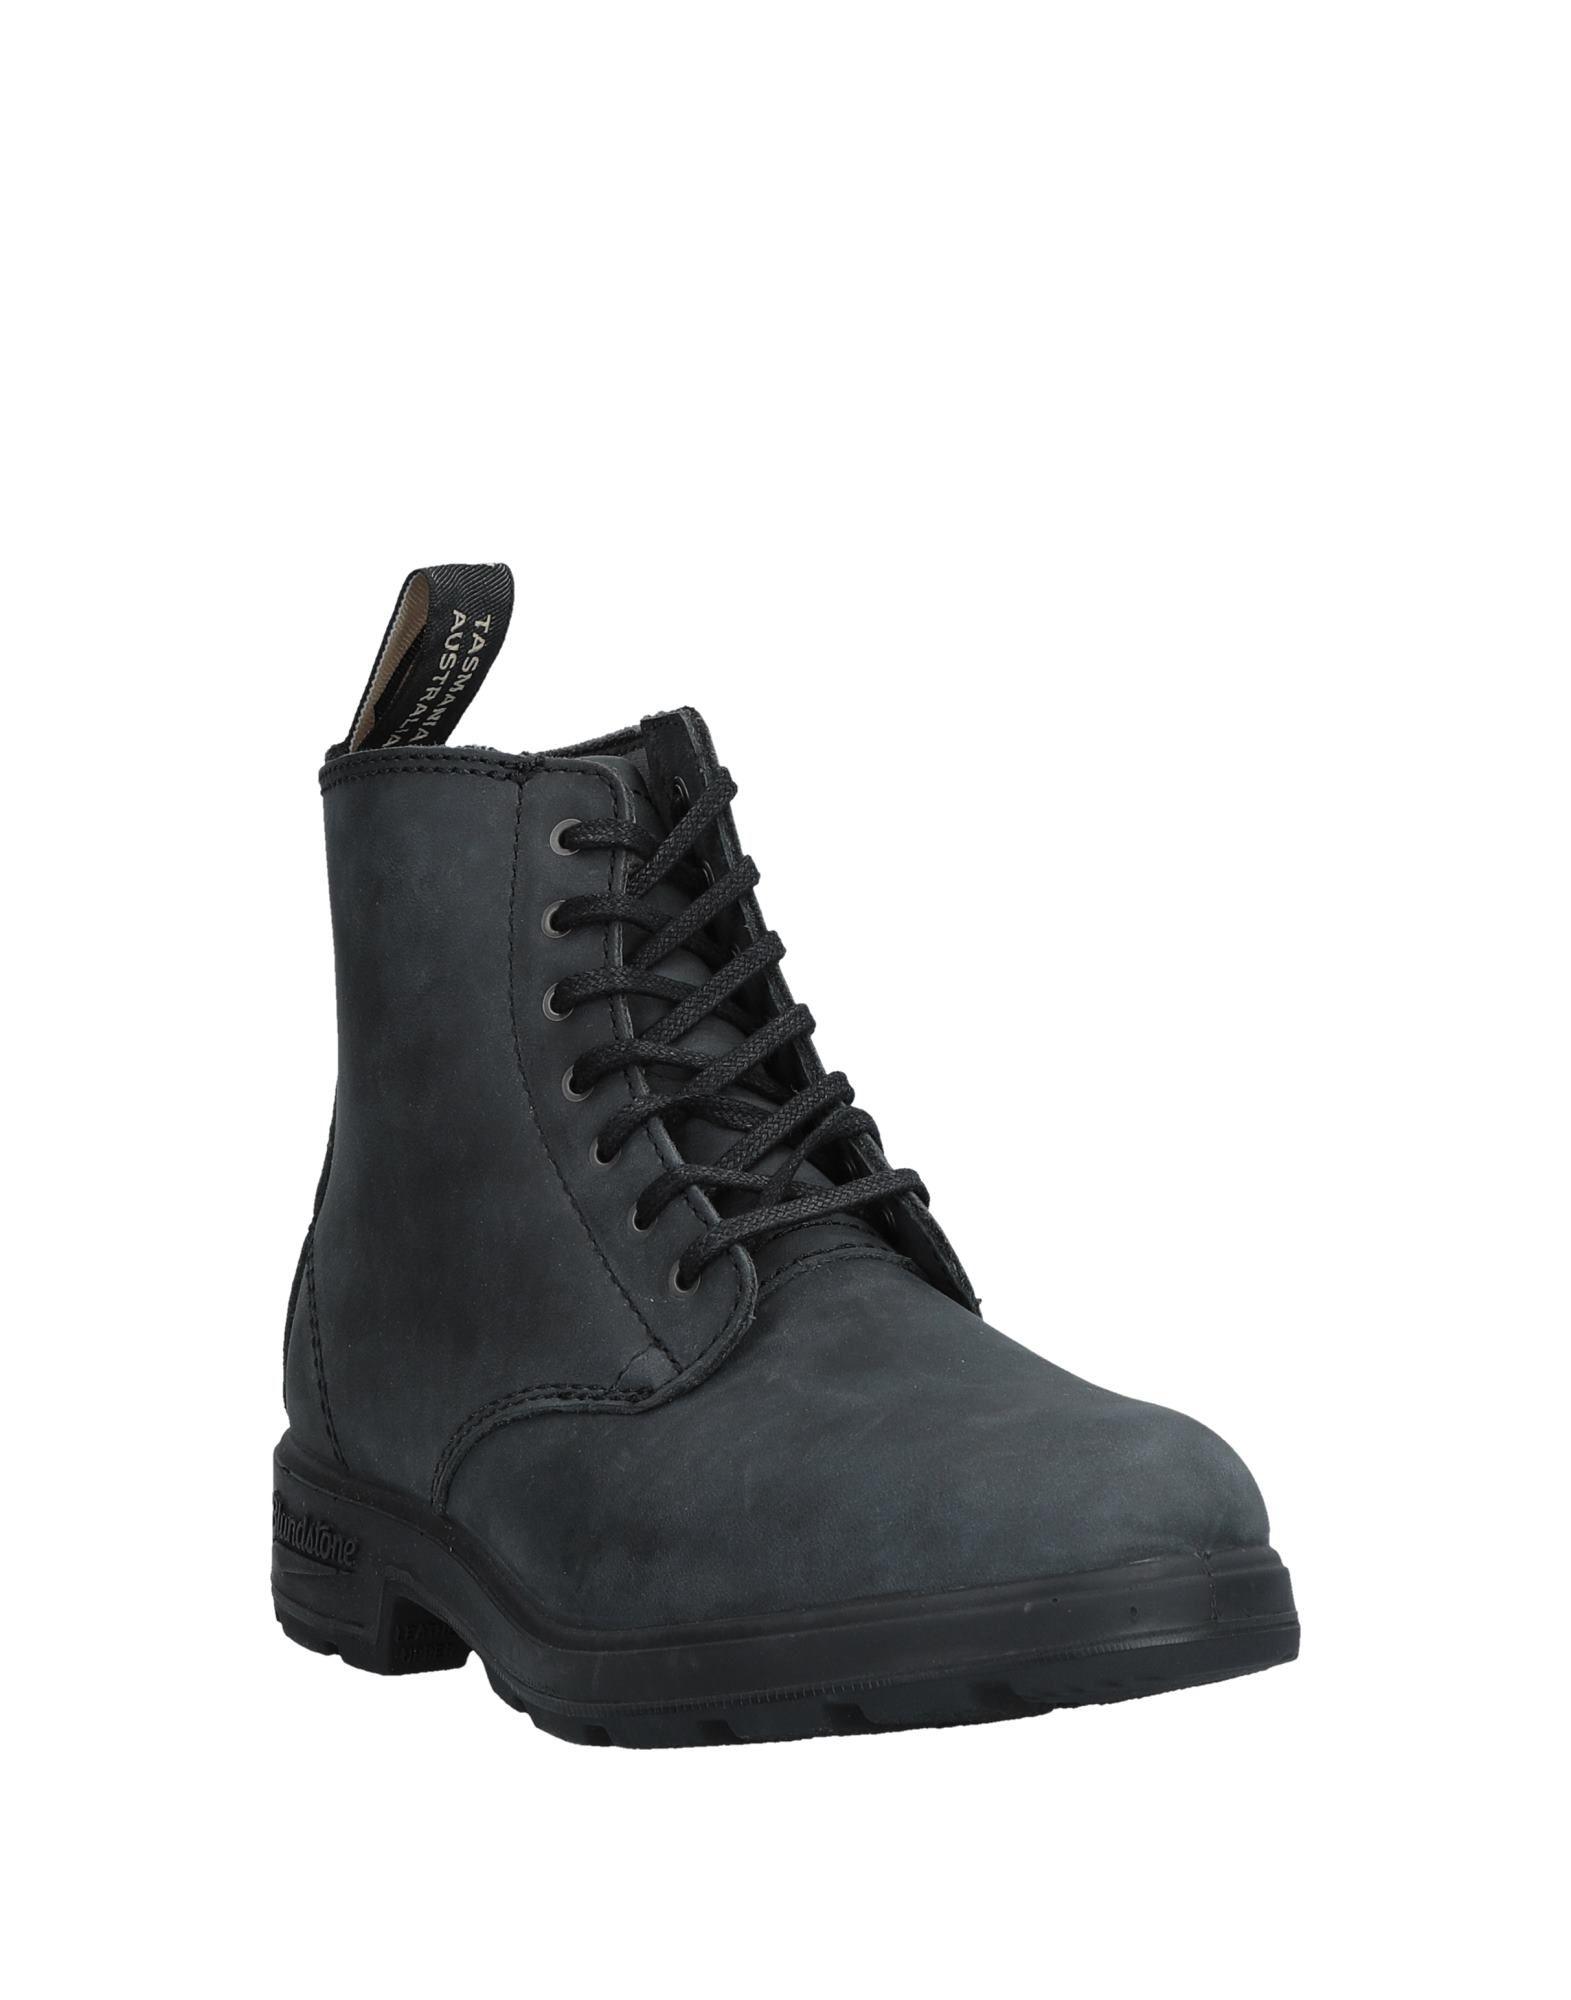 Blundstone 11525572AK Stiefelette Damen  11525572AK Blundstone Gute Qualität beliebte Schuhe 96cad7